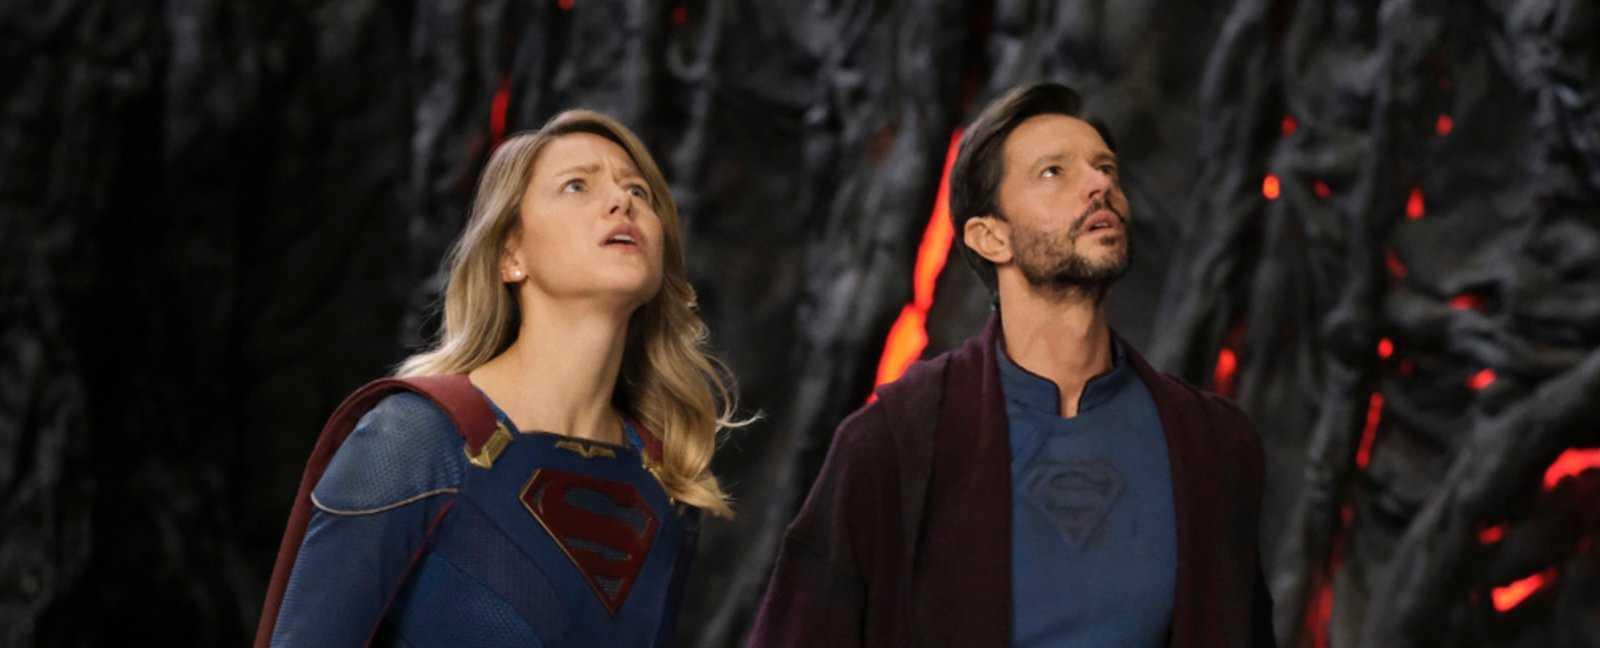 Supergirl temporada 6: Super-Friends confrontan sus miedos para salvar a Kara (spoilers)